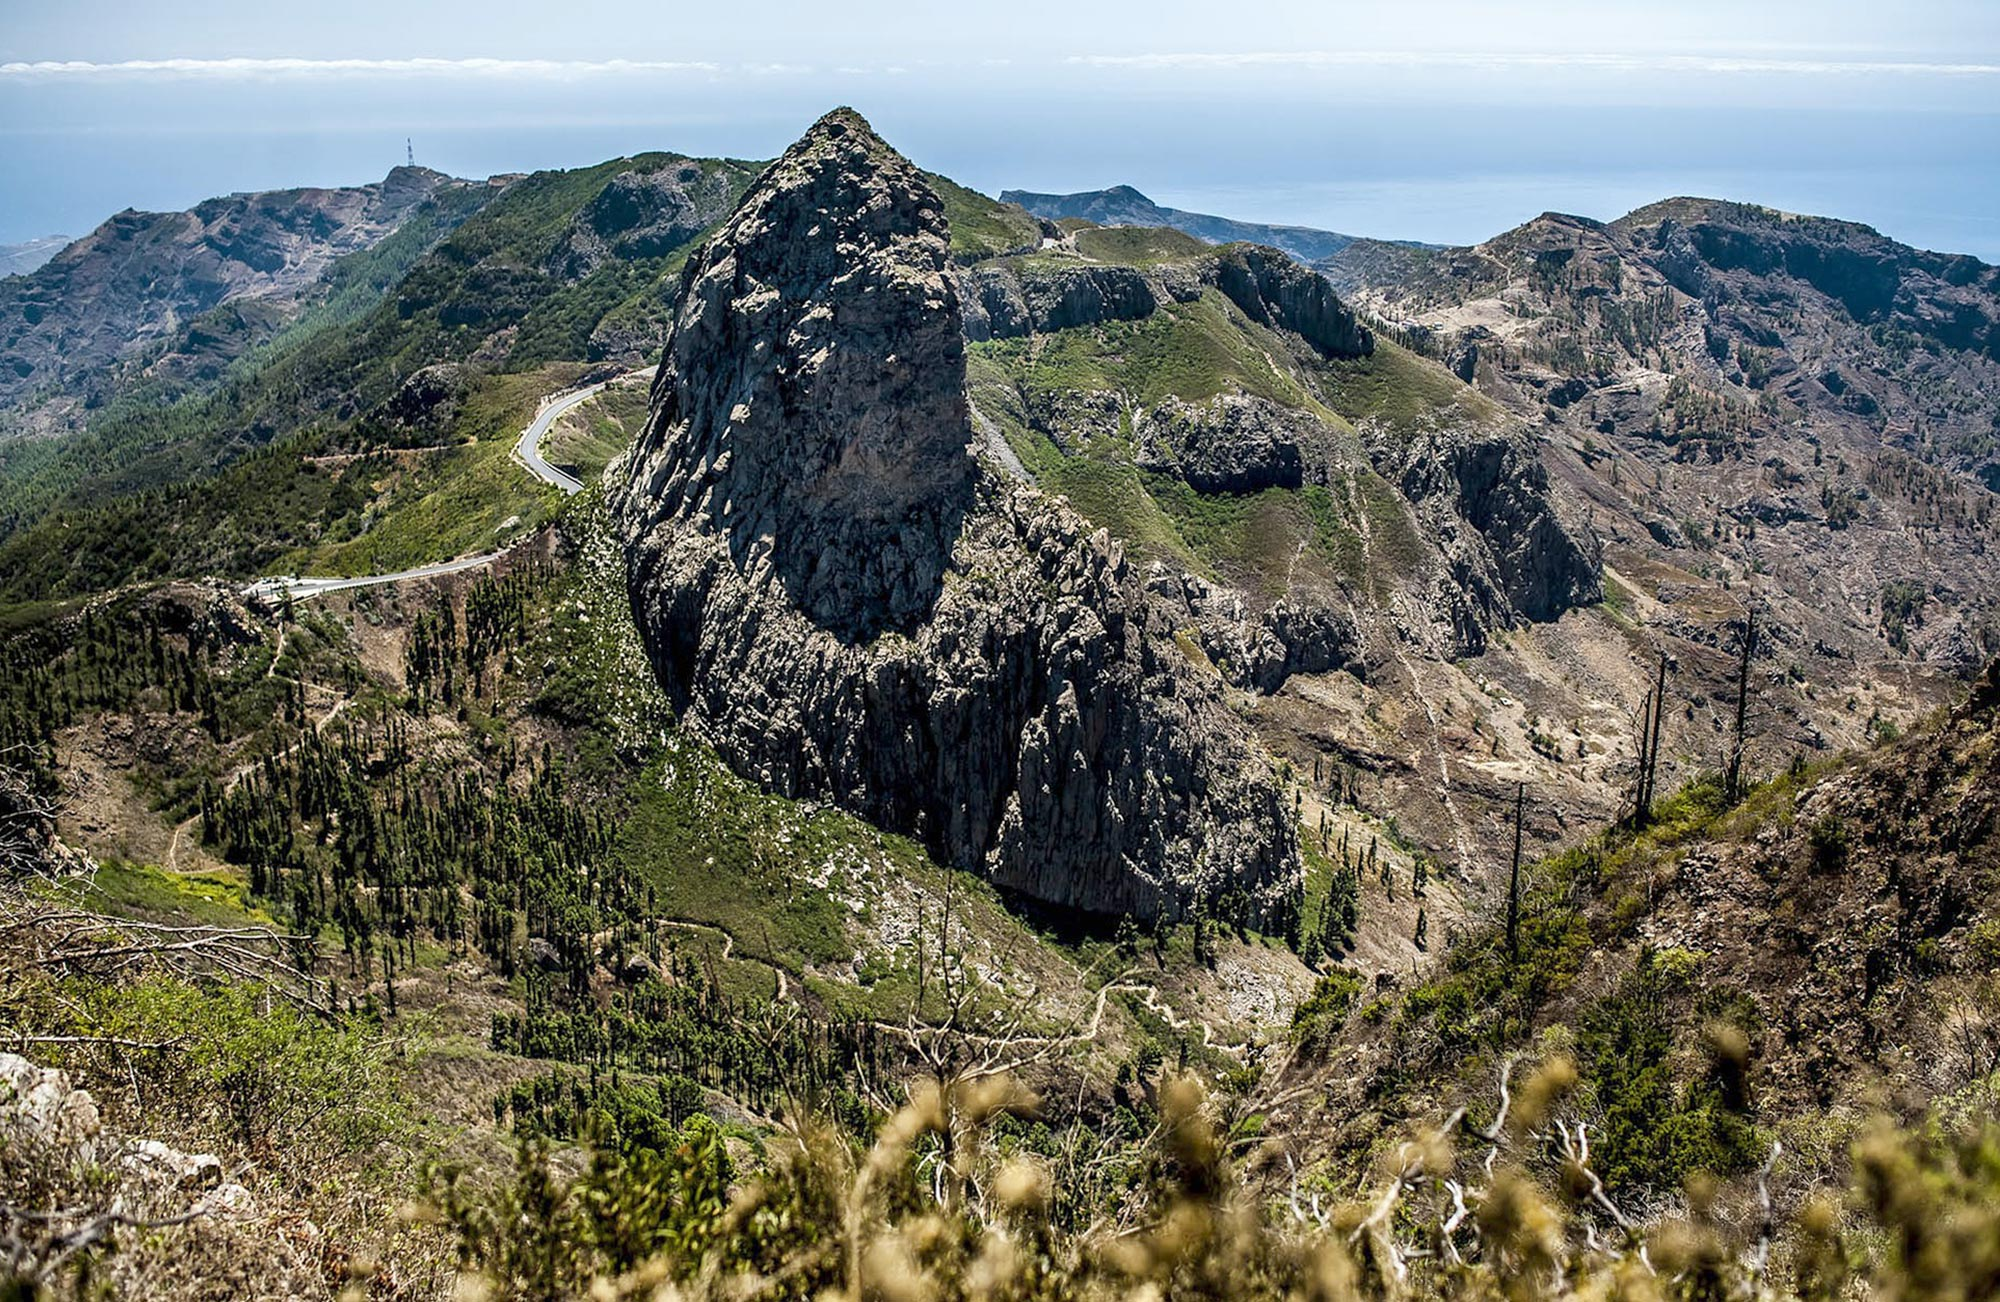 Die zerklüftete Gebirgslandschaft von La Gomera ist von Wanderwegen durchzogen